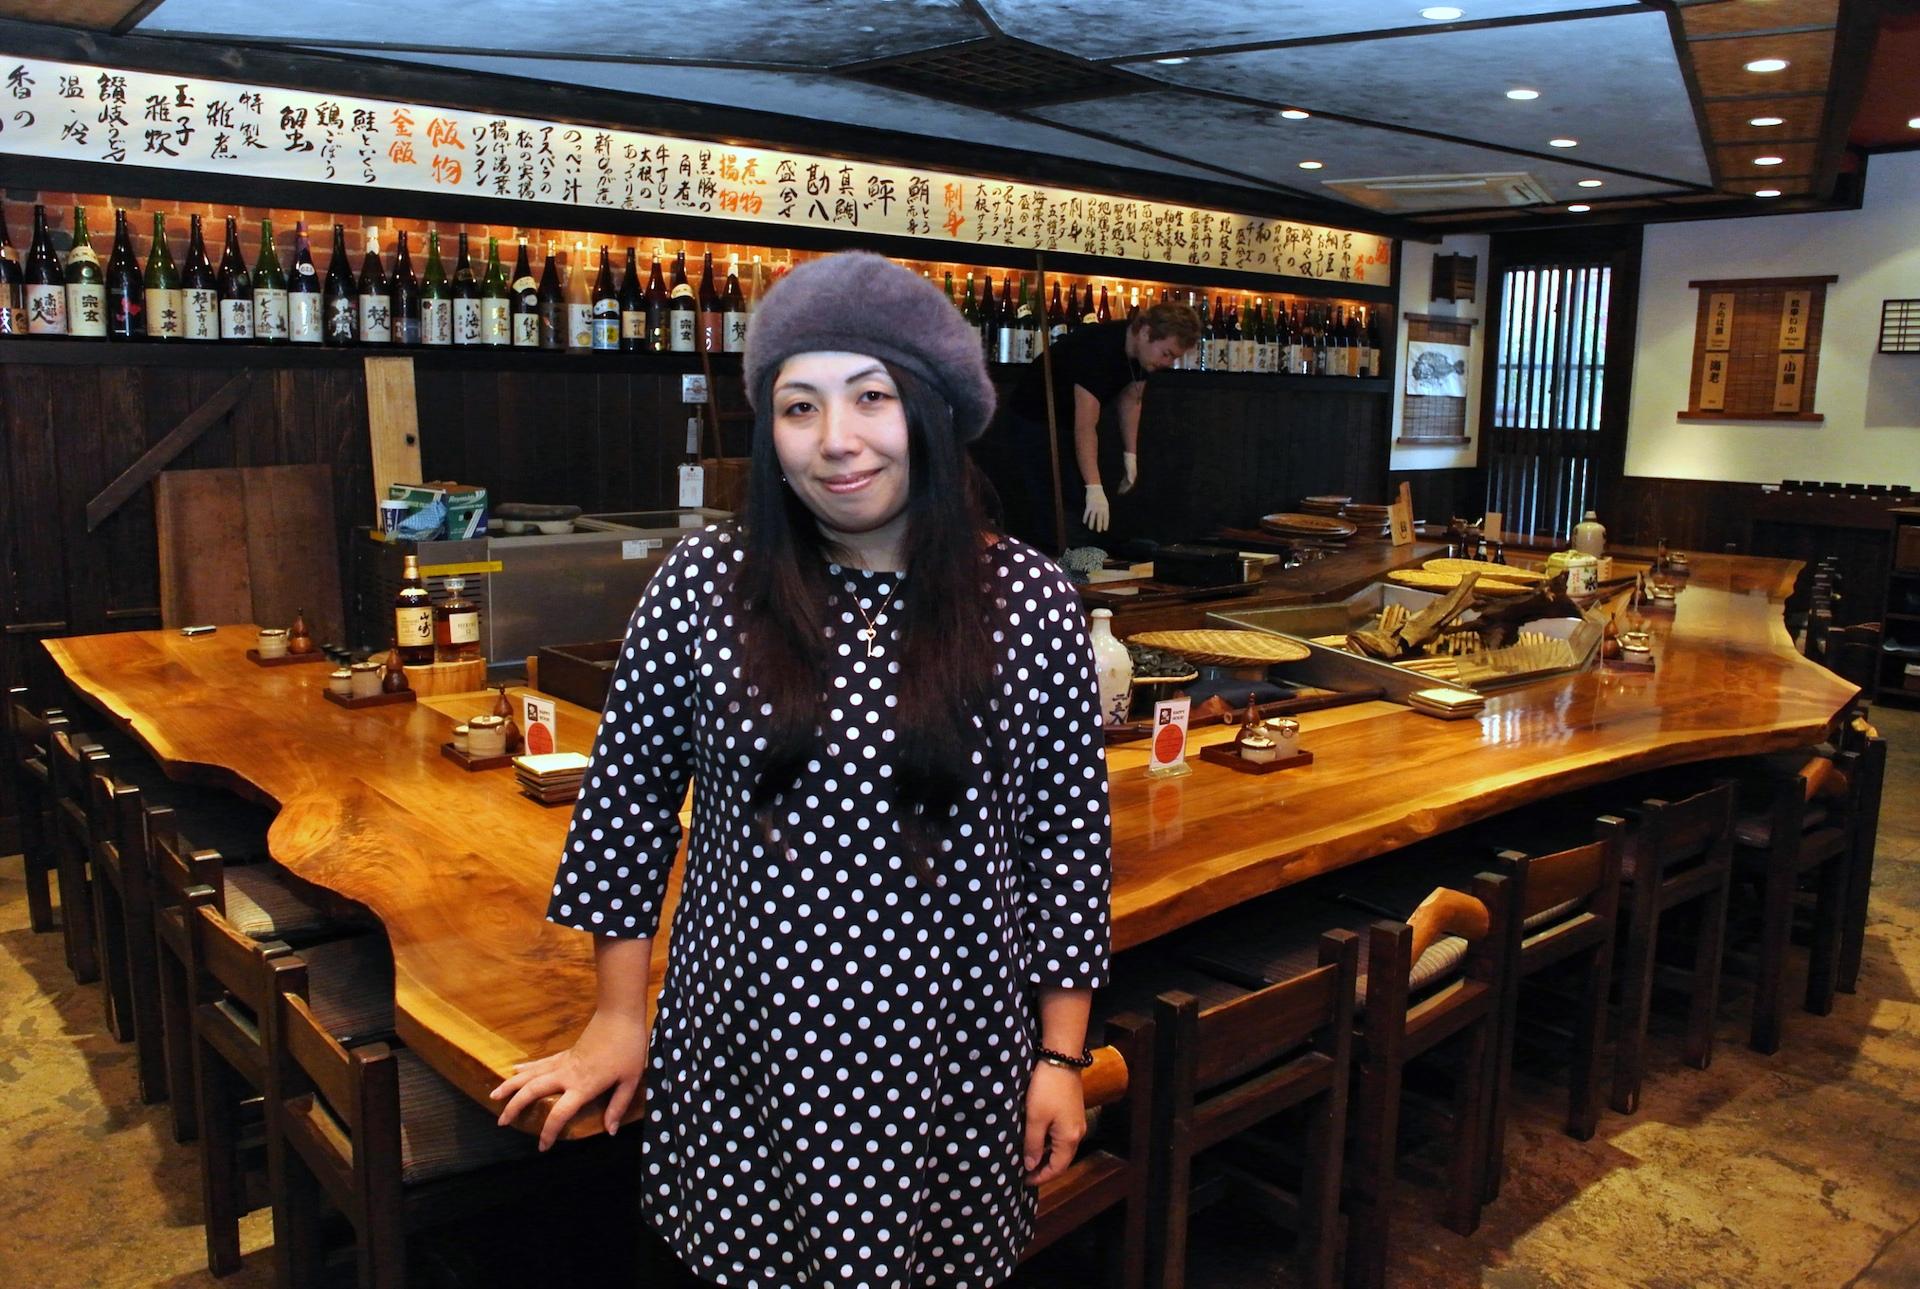 Chizuko Niikawa, Sake Discoveries